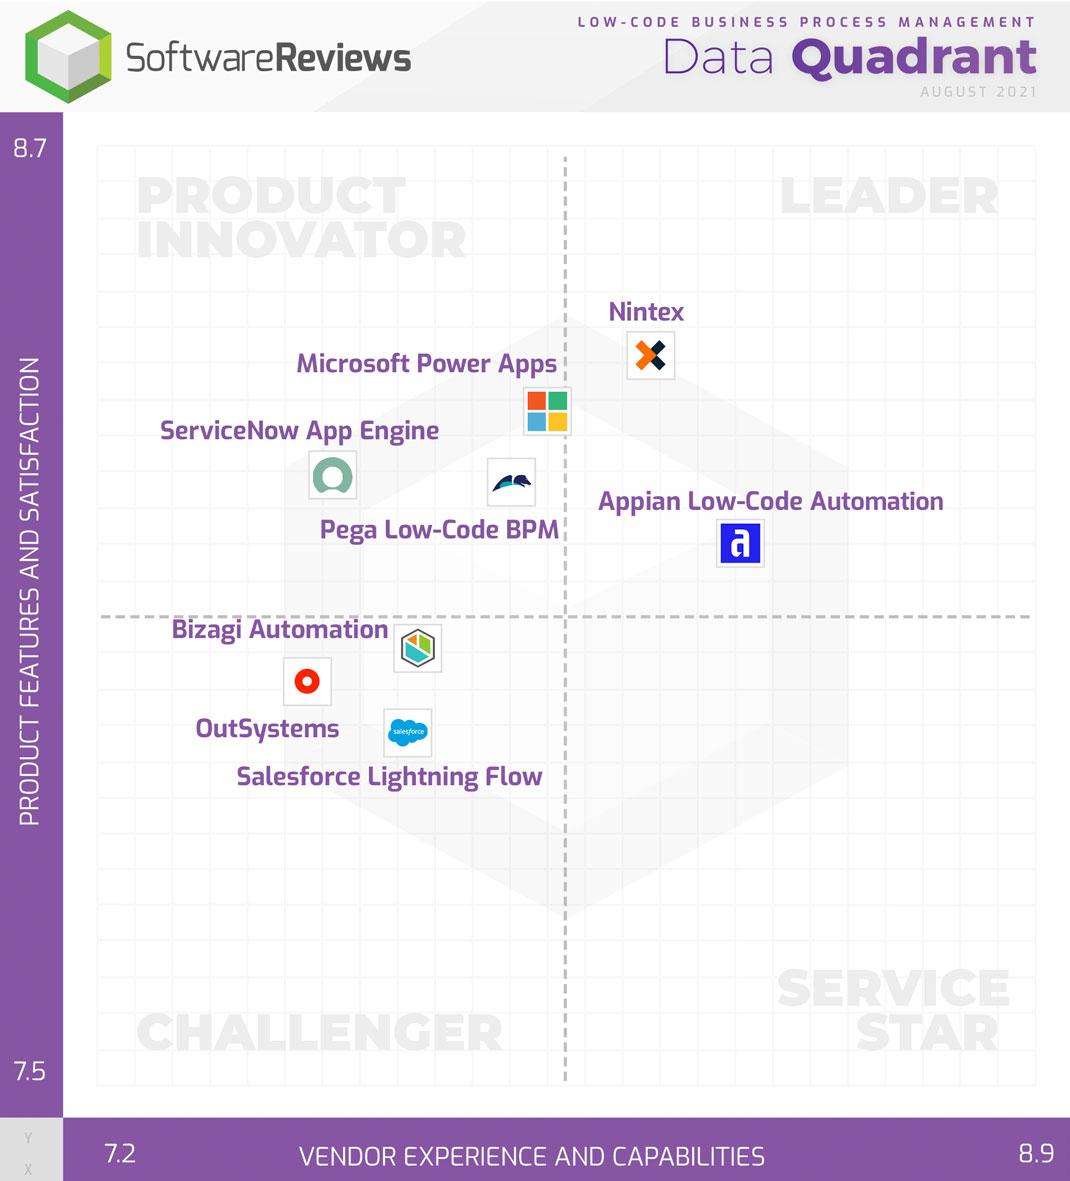 Low-Code Business Process Management Data Quadrant